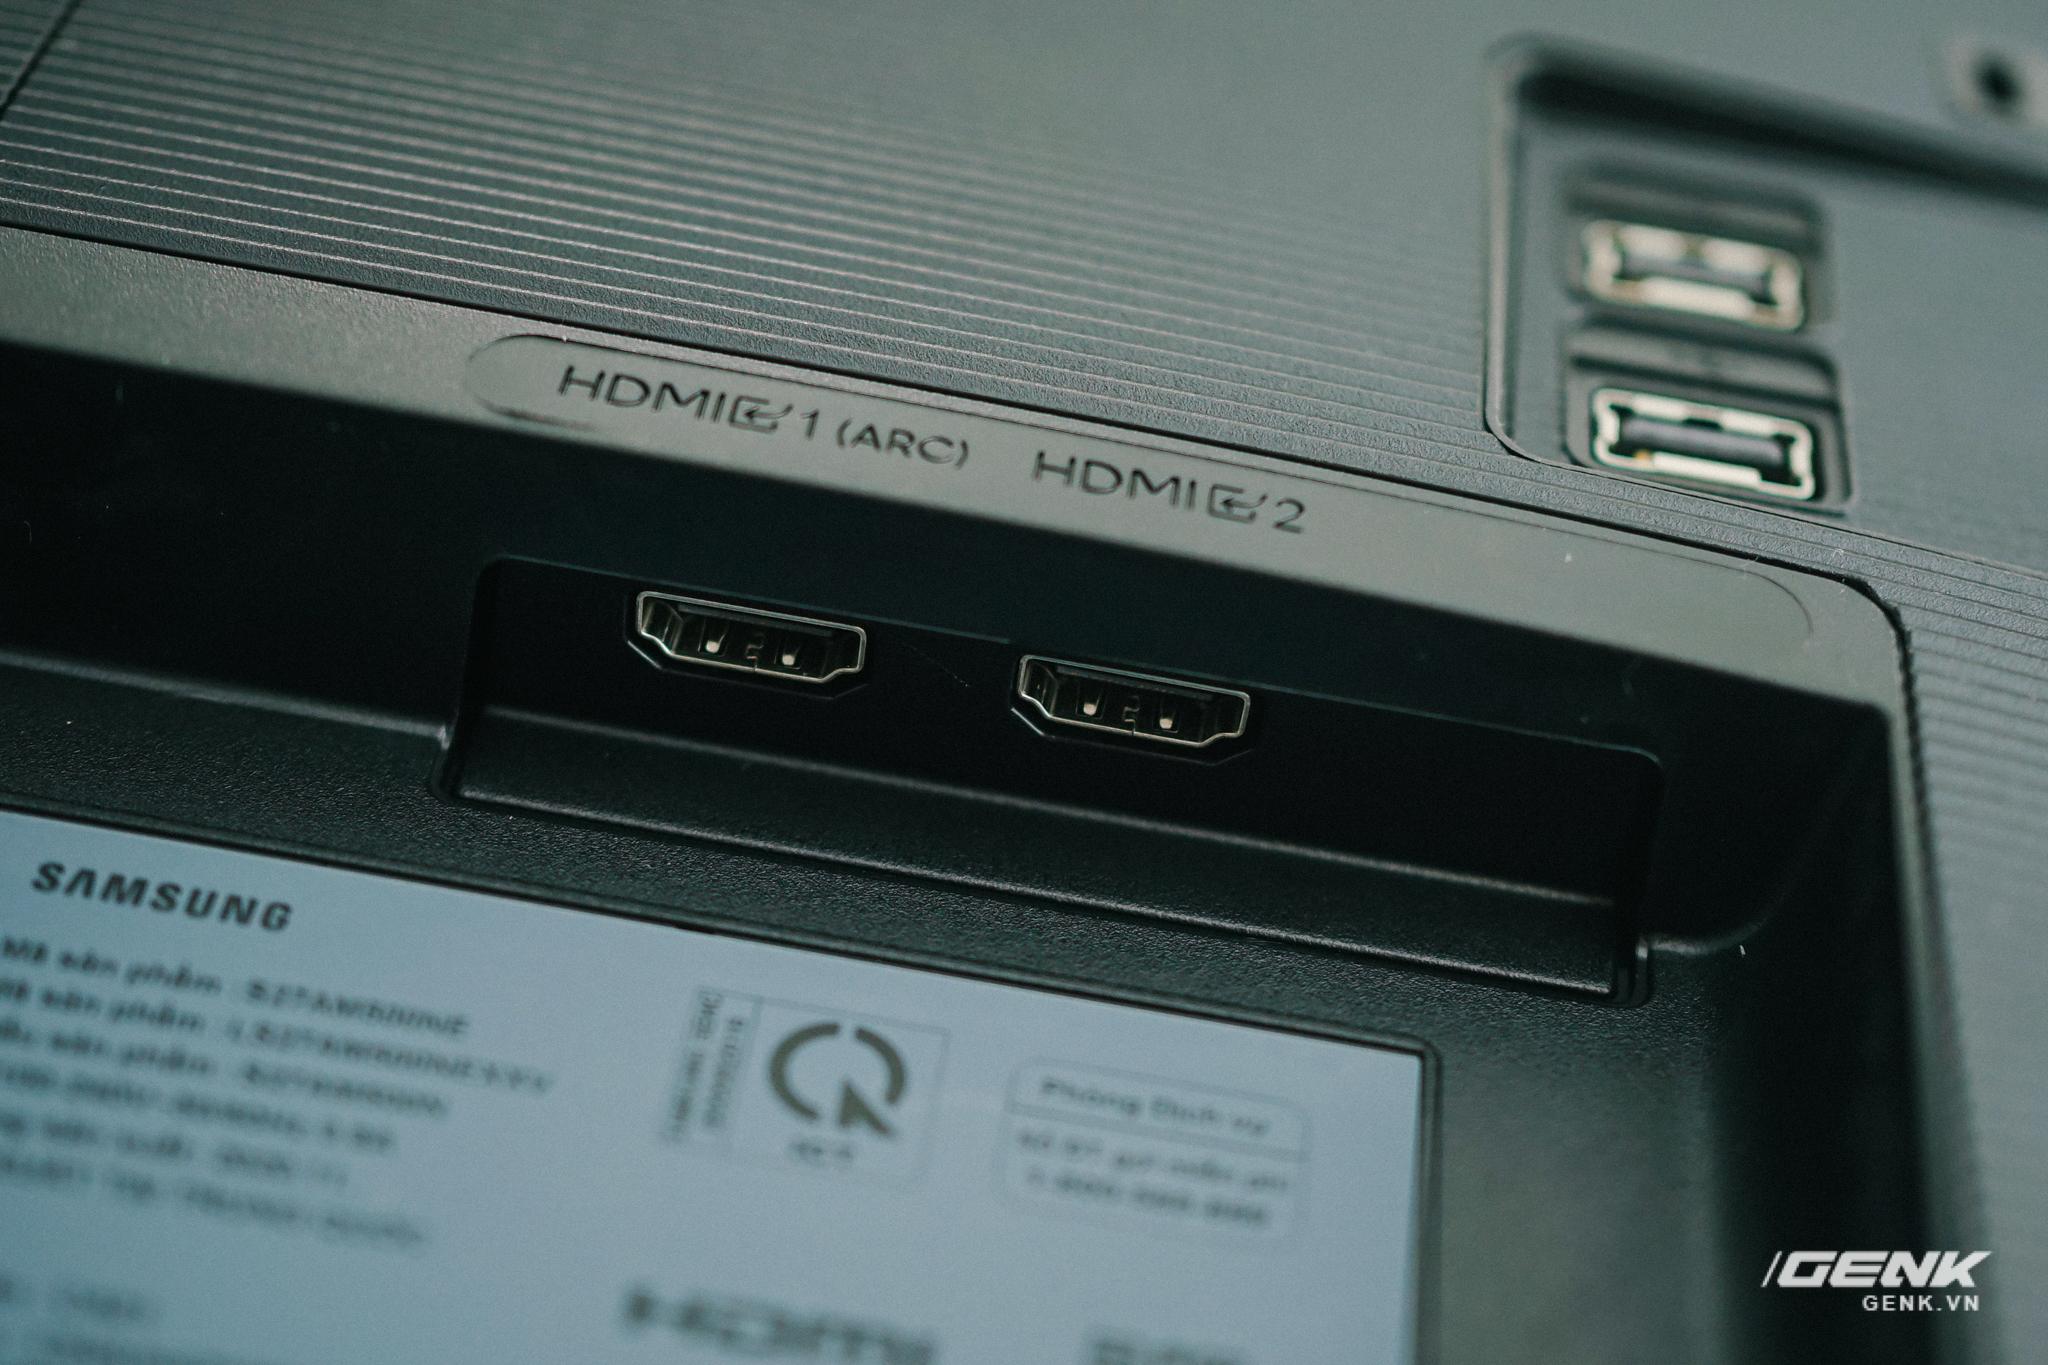 Cận cảnh Samsung M5: Màn hình thông minh mới của Samsung có thể hoạt động độc lập không cần máy tính, giá từ 7 triệu đồng - Ảnh 12.